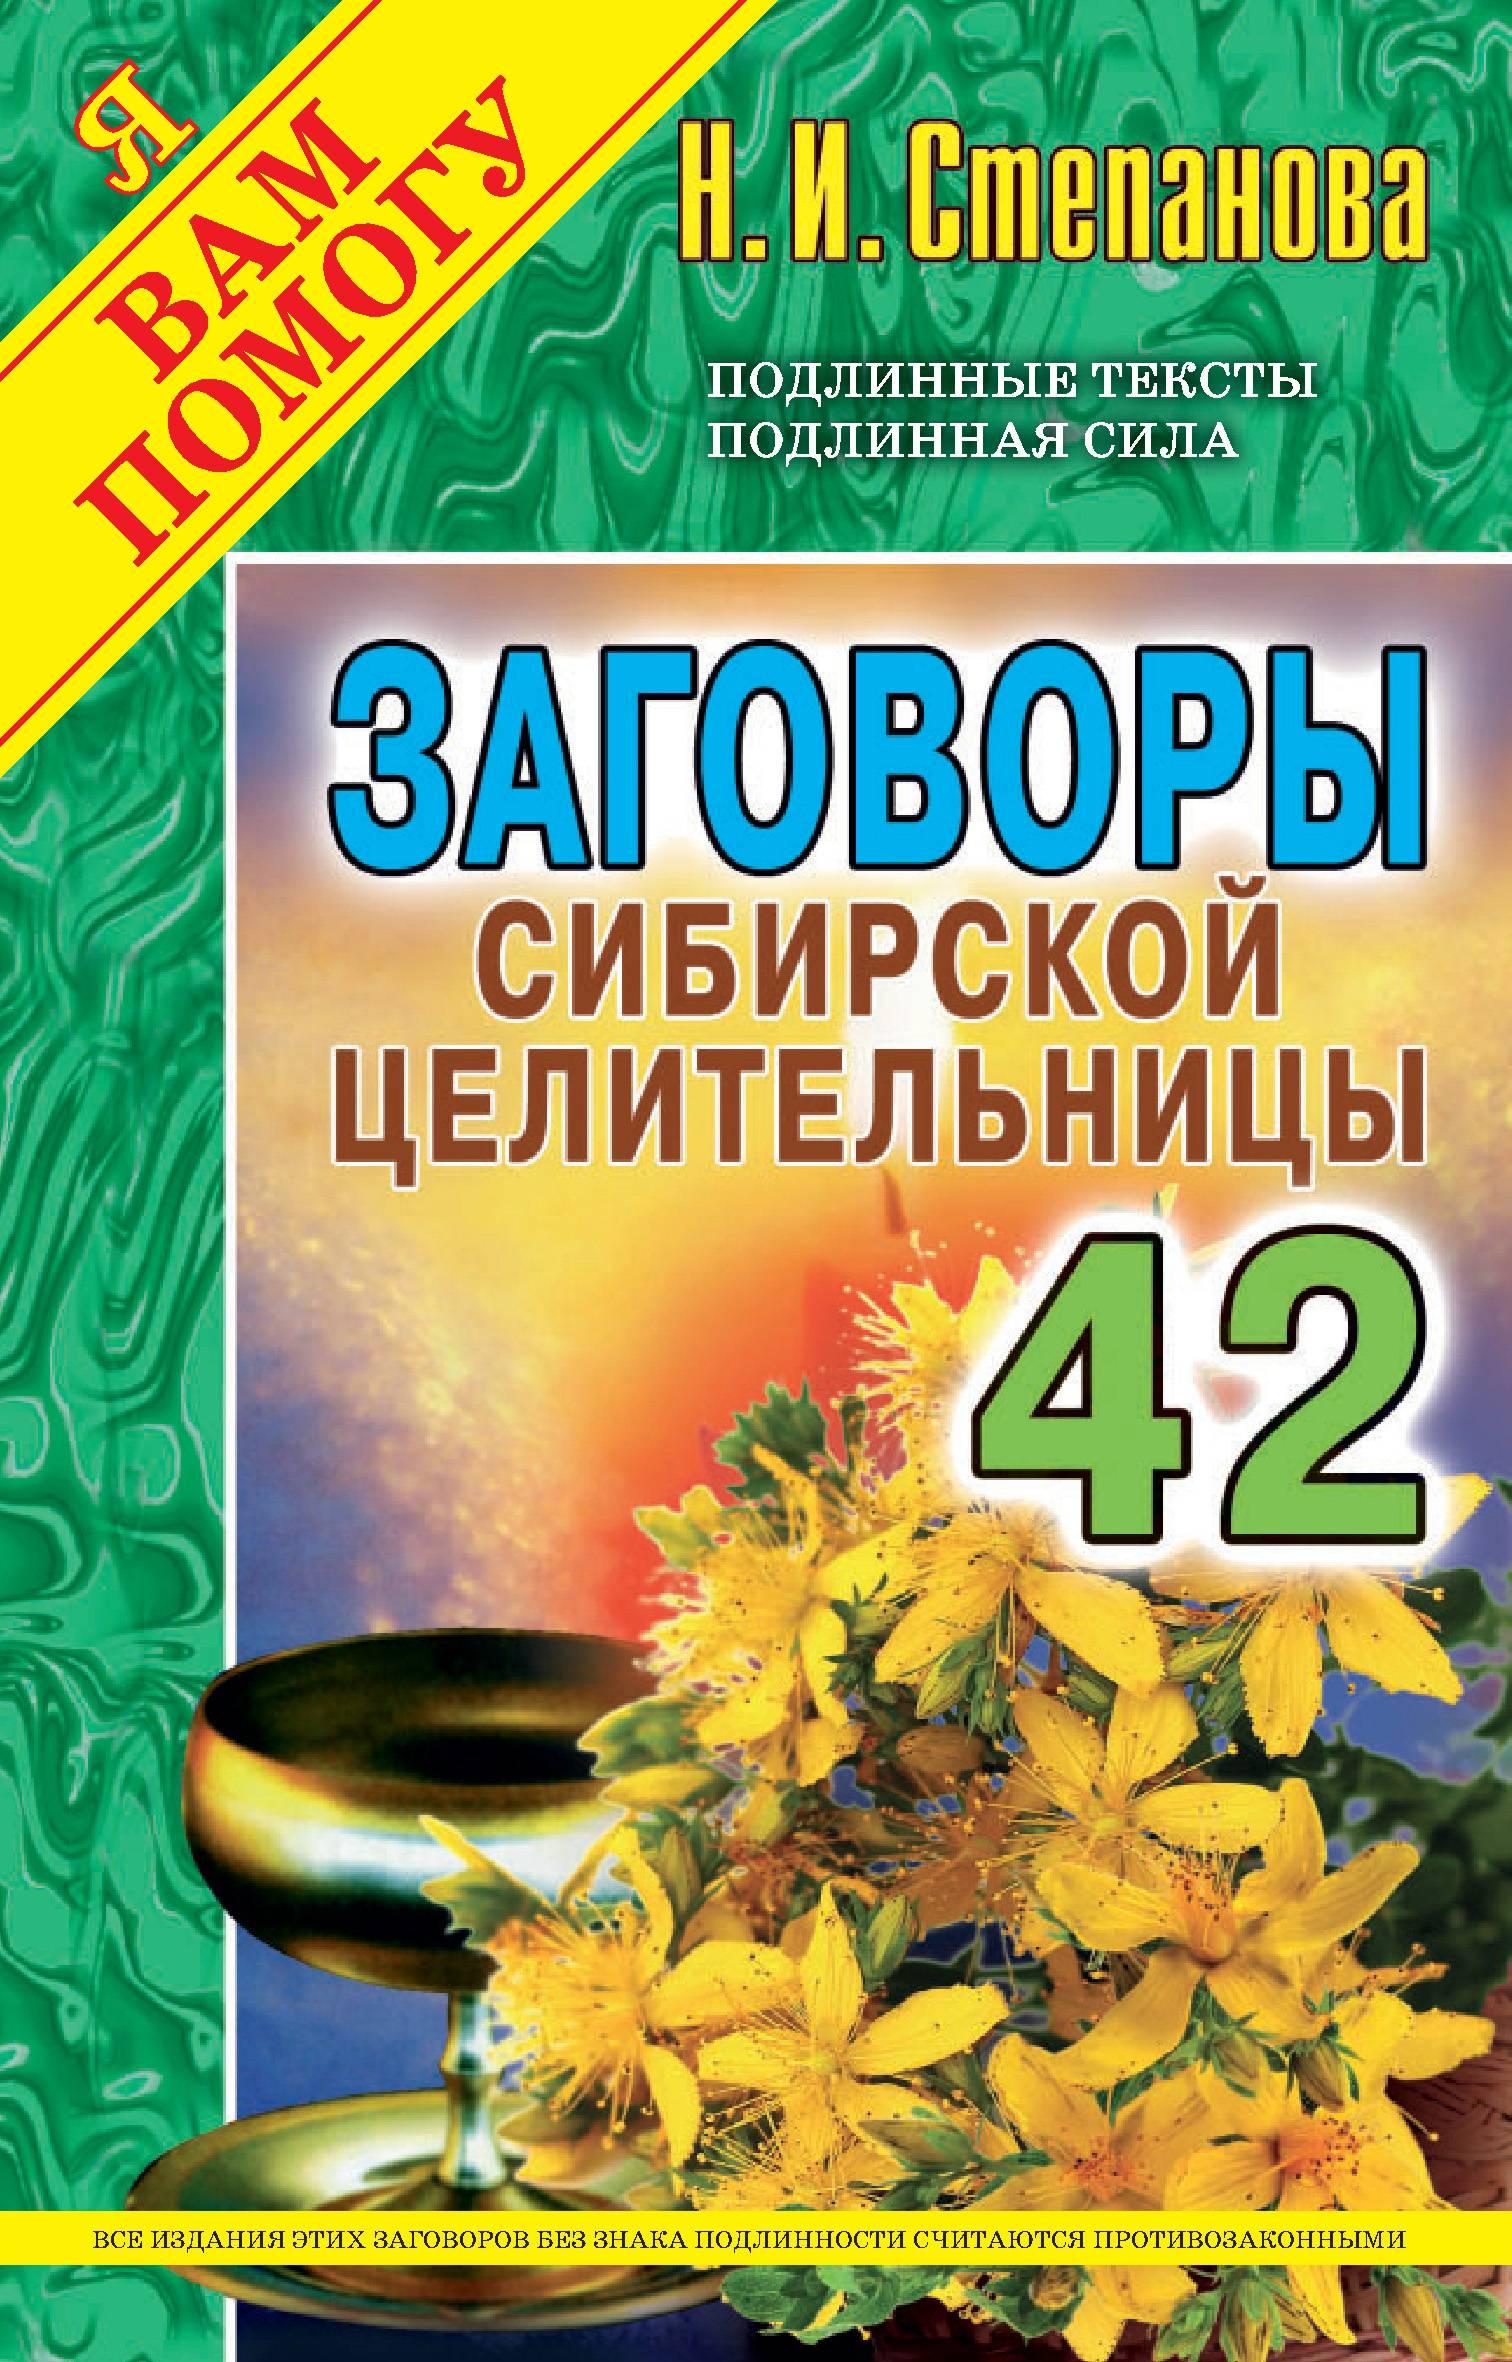 Читать книгу 9000 заговоров сибирской целительницы. самое полное собрание натальи степановой : онлайн чтение - страница 47